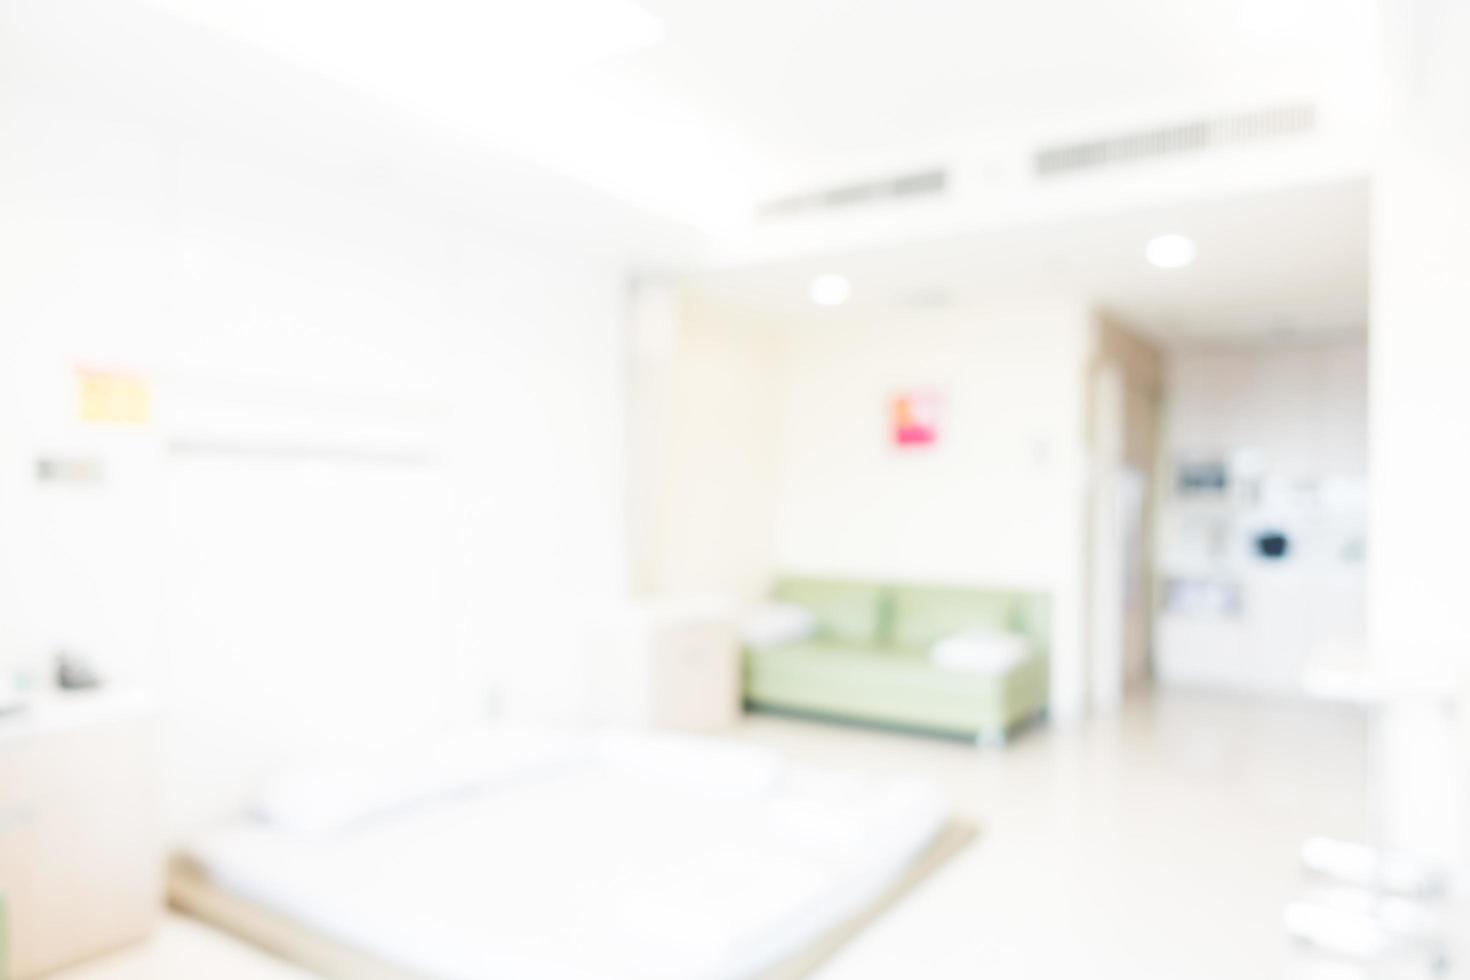 Intérieur de l'hôpital abstrait défocalisé pour le fond photo